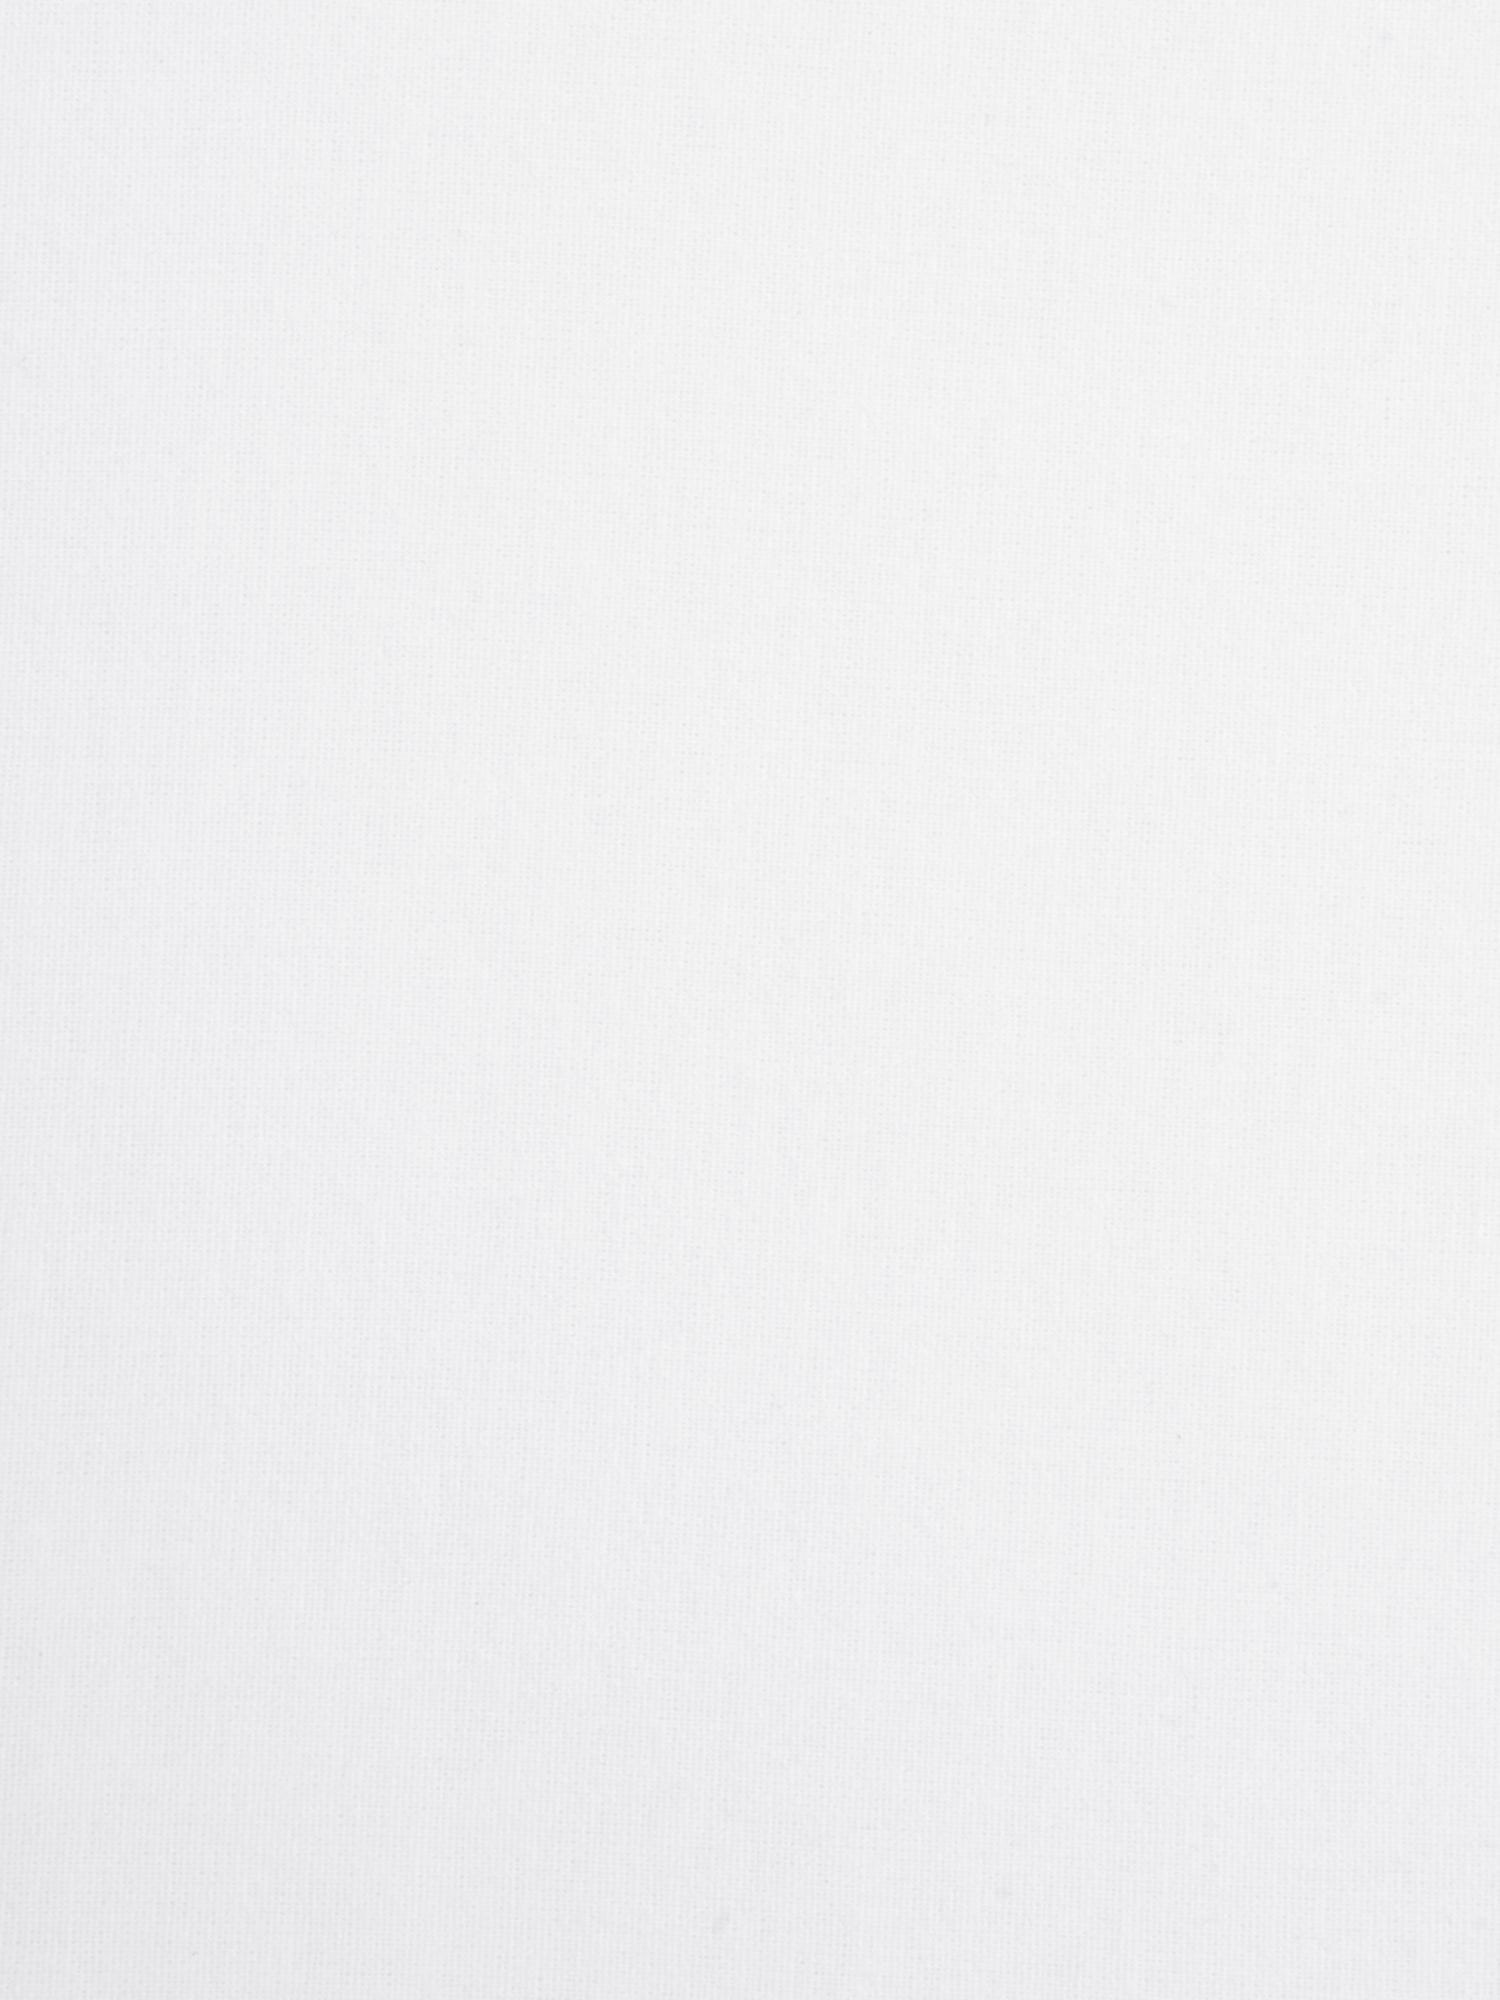 Spannbettlaken Biba in Weiß, Flanell, Webart: Flanell, Weiß, 180 x 200 cm